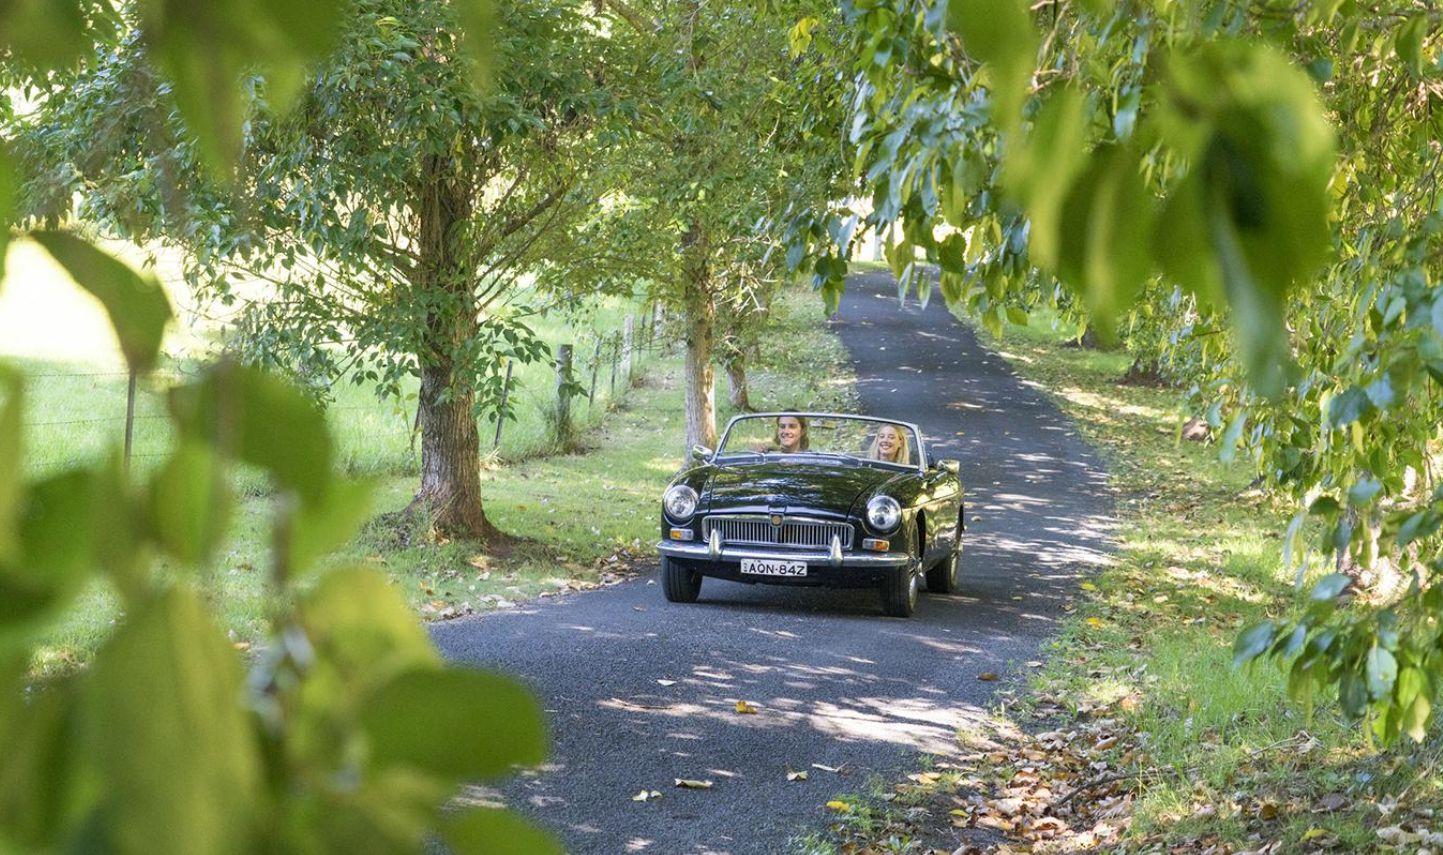 kangaroo valley driving car down narrow road